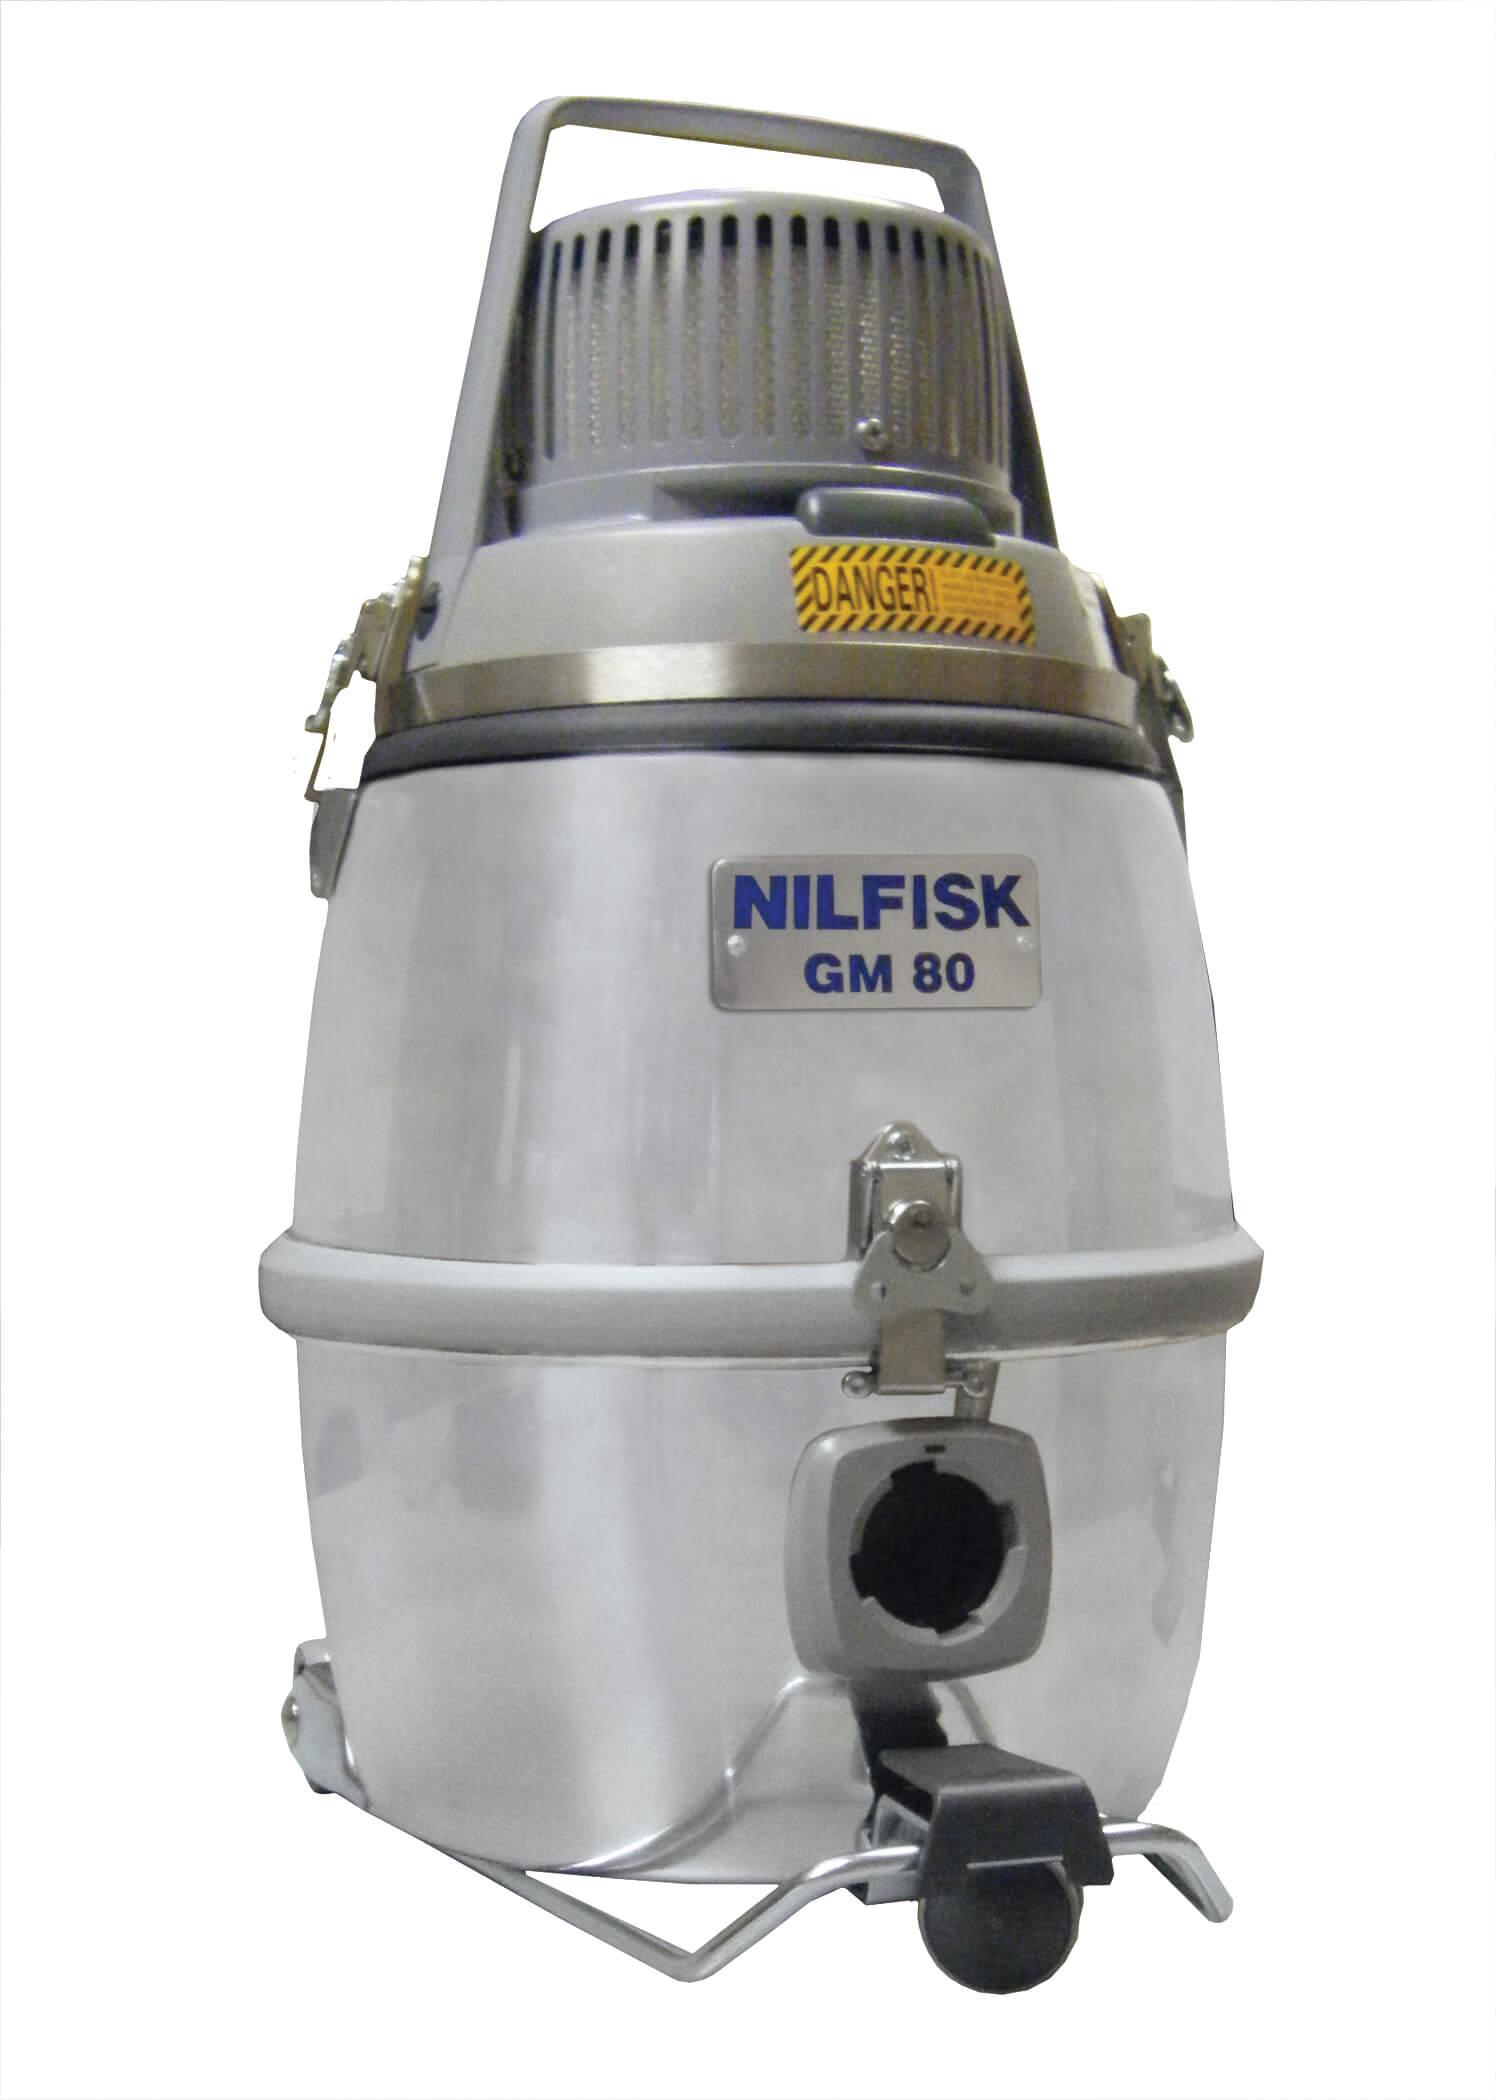 GM 80 Vacuum Cleaner